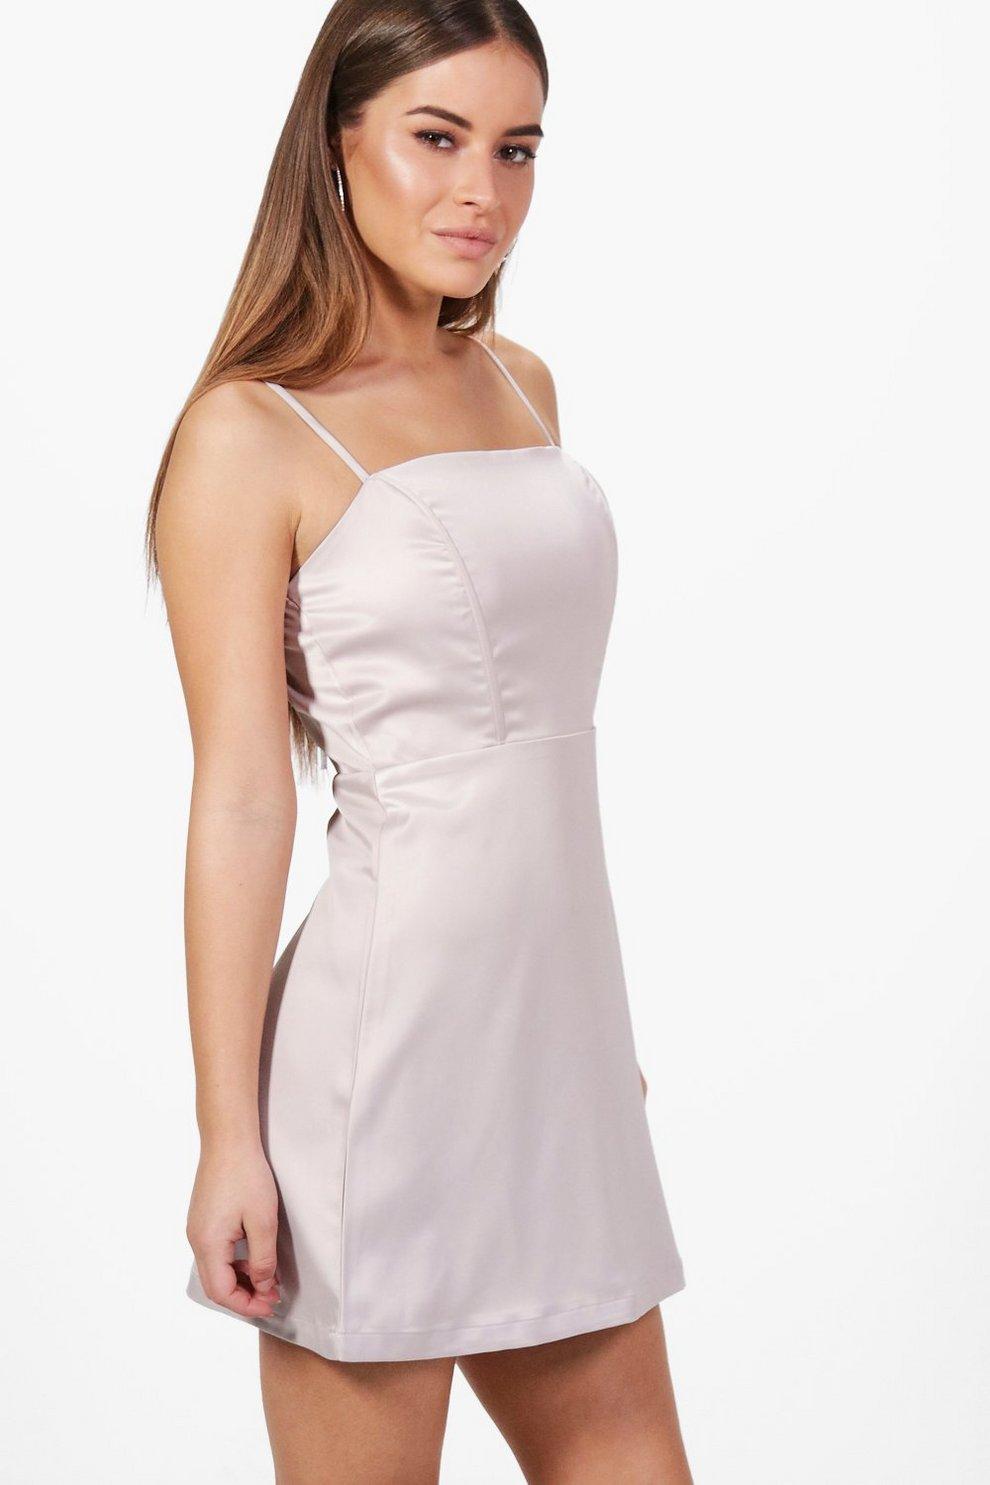 White Satin Mini Dress